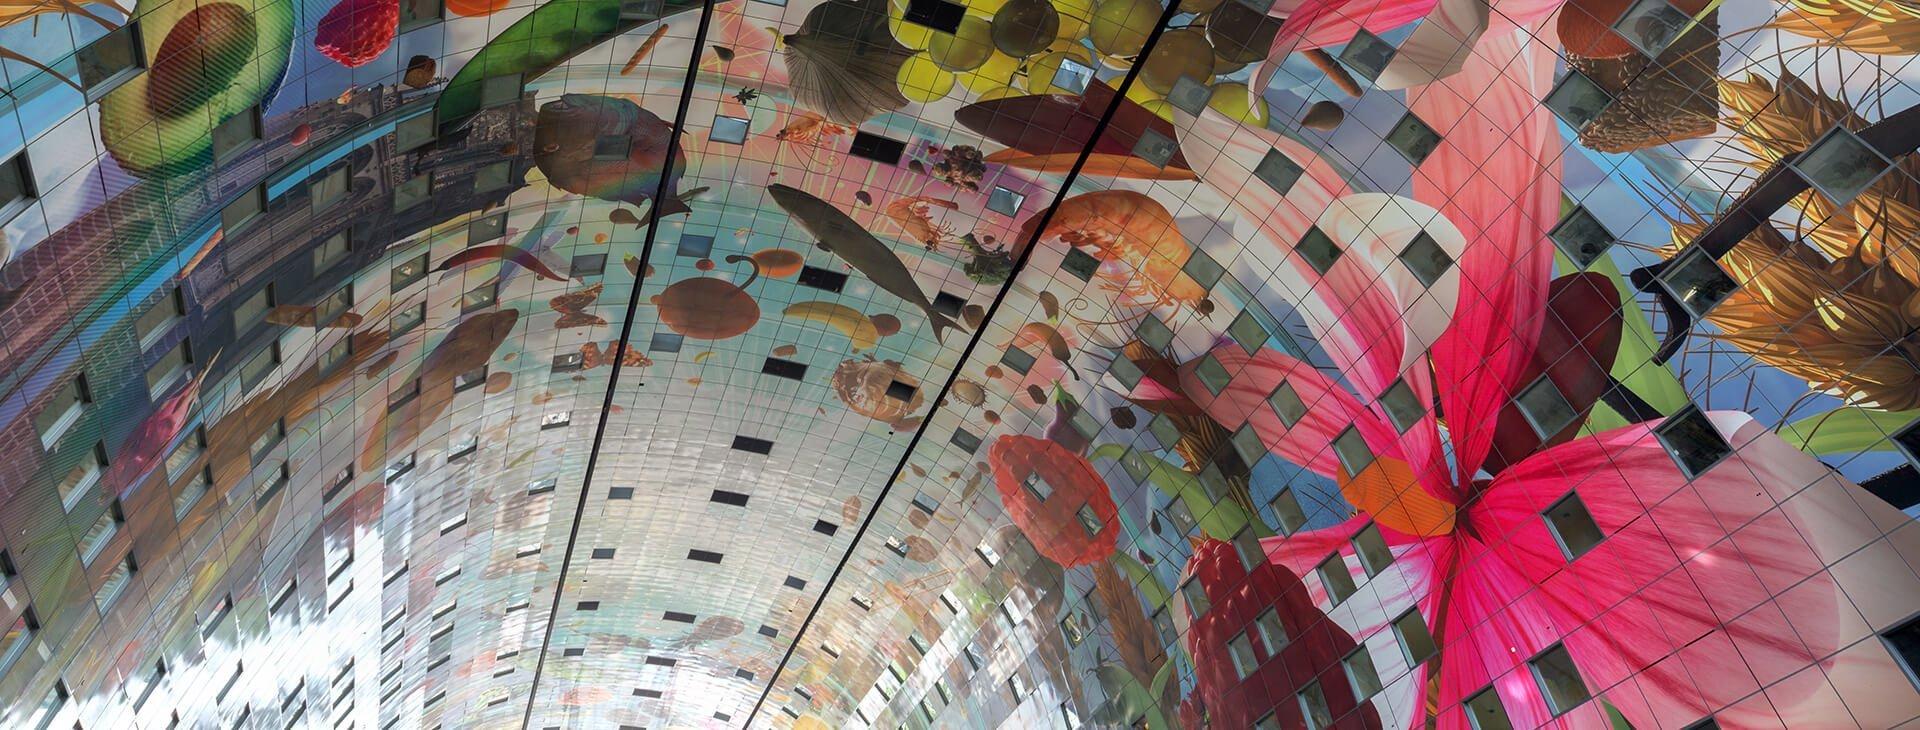 stilwerk_places_to_see_rotterdamm_markthalle_stage